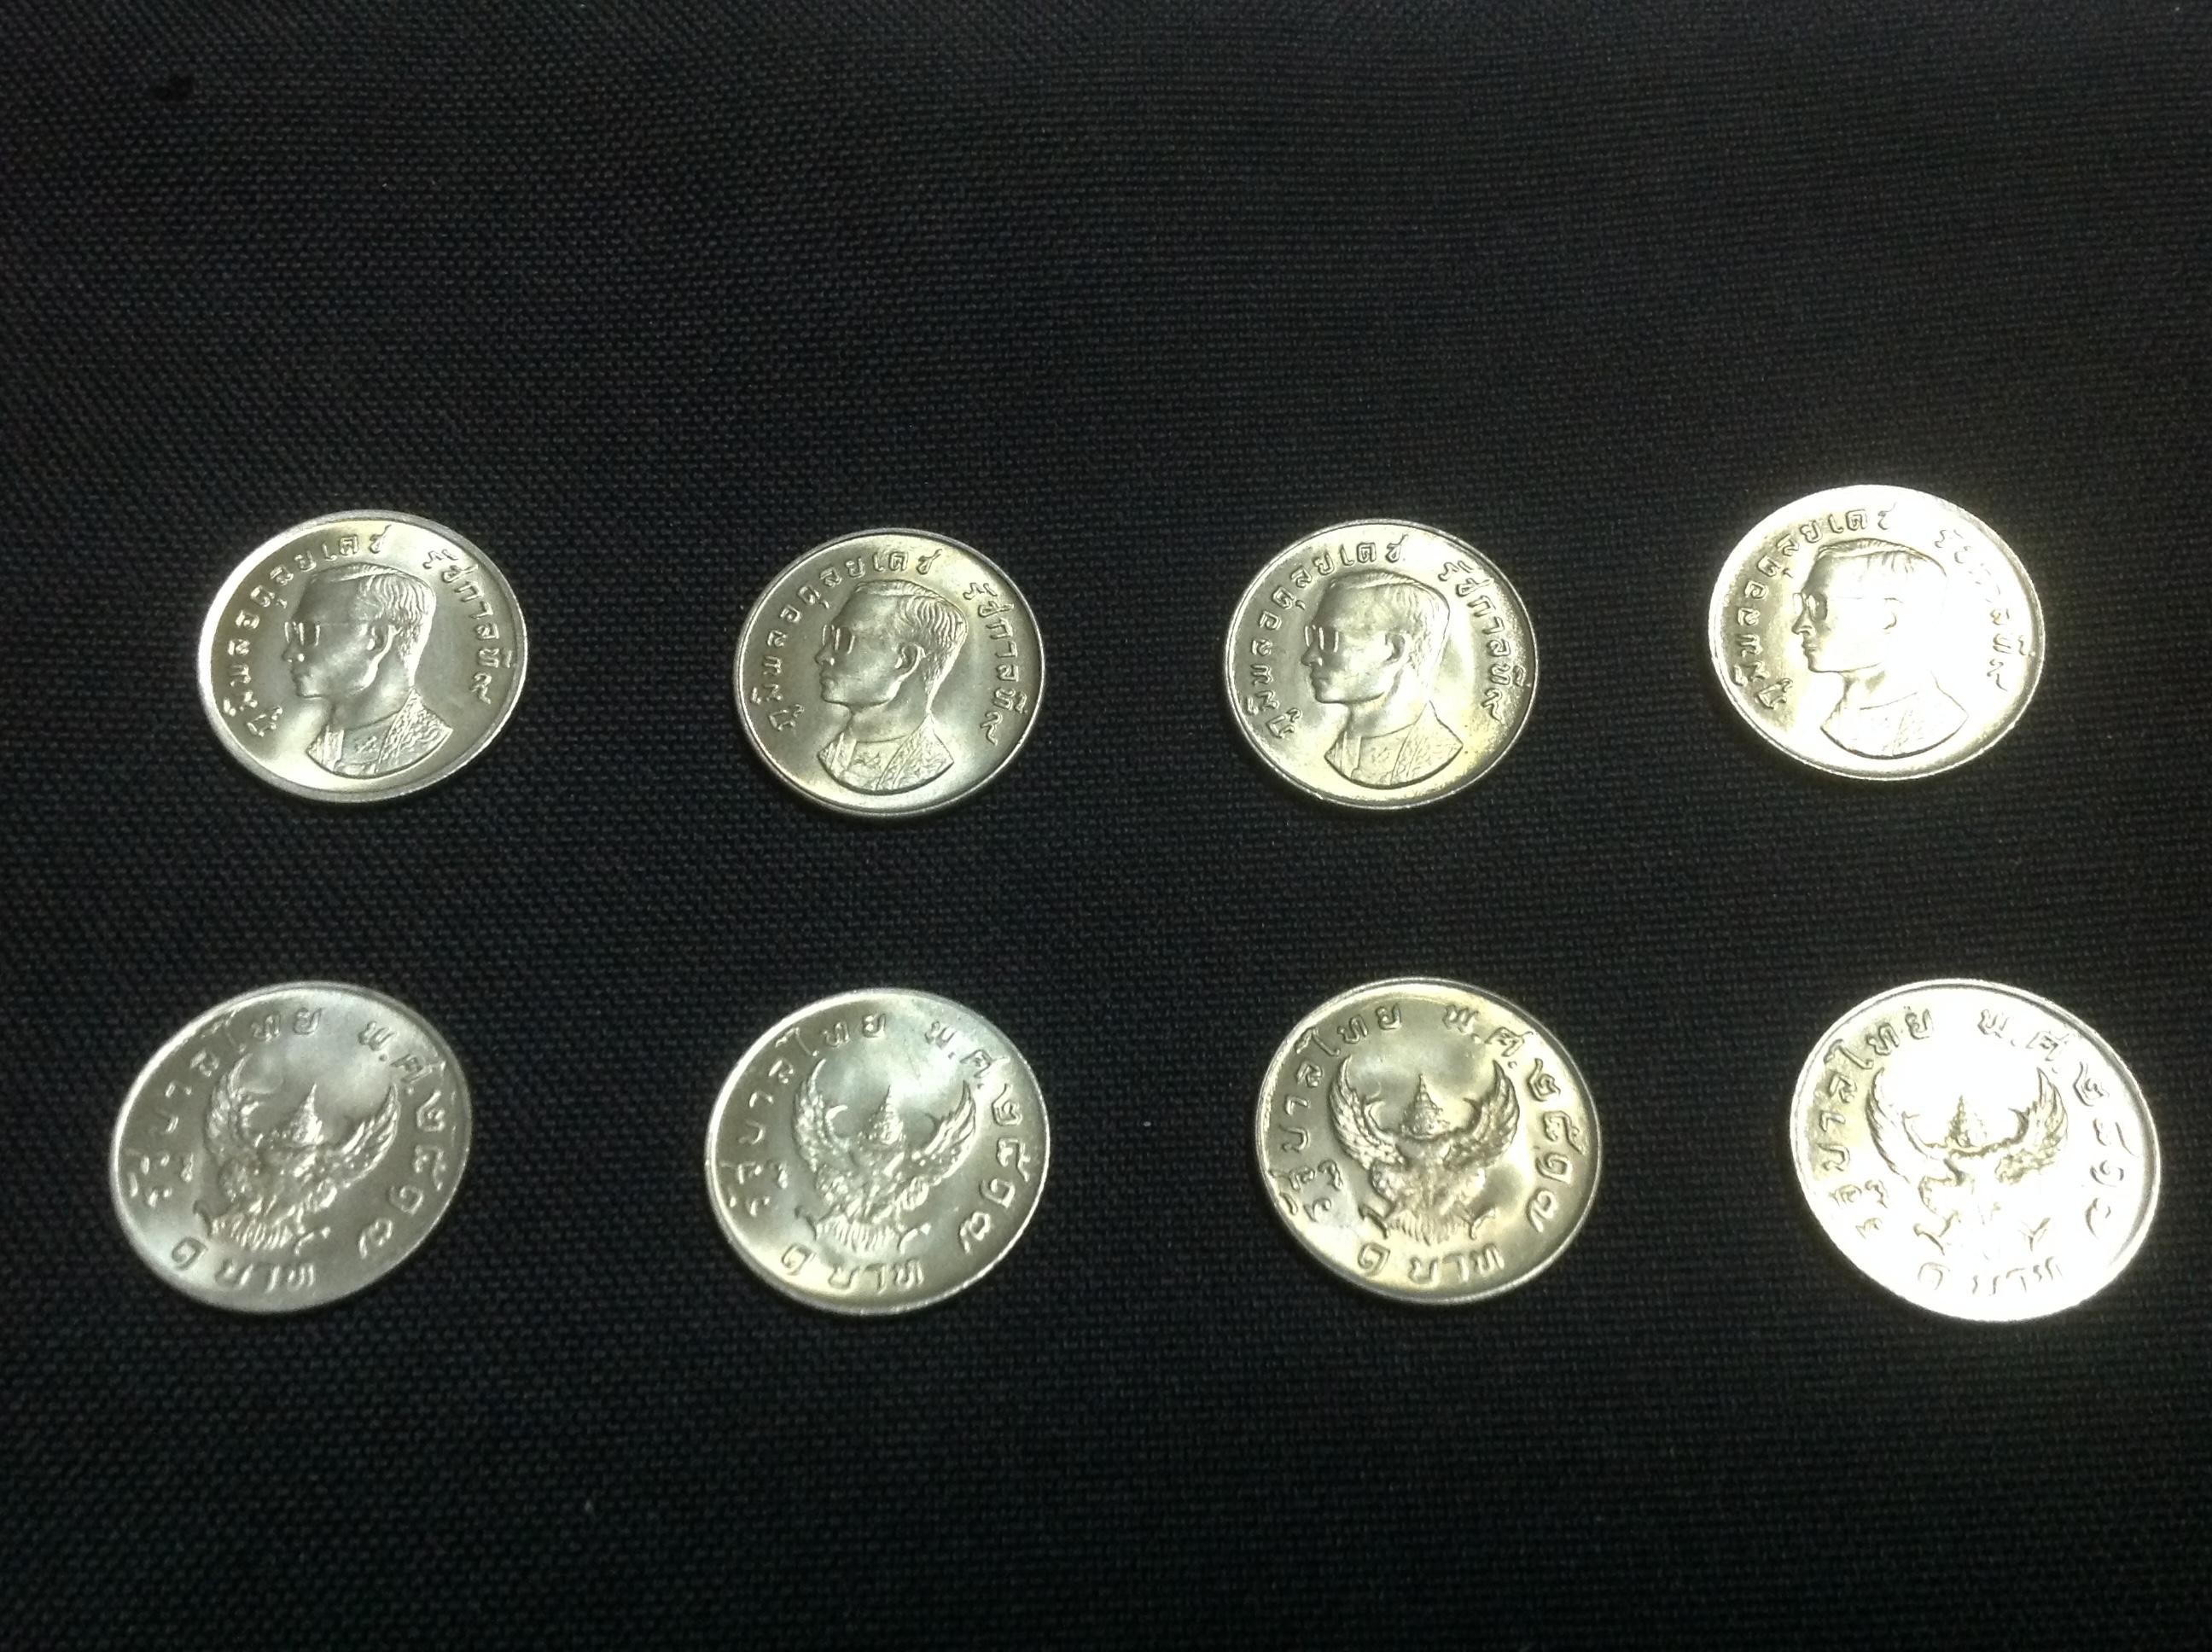 เหรียญ 1 บาท พ.ศ.2517 พญาครุฑ(ไม่ผ่านการใช้งาน/ราคาต่อเหรียญ)